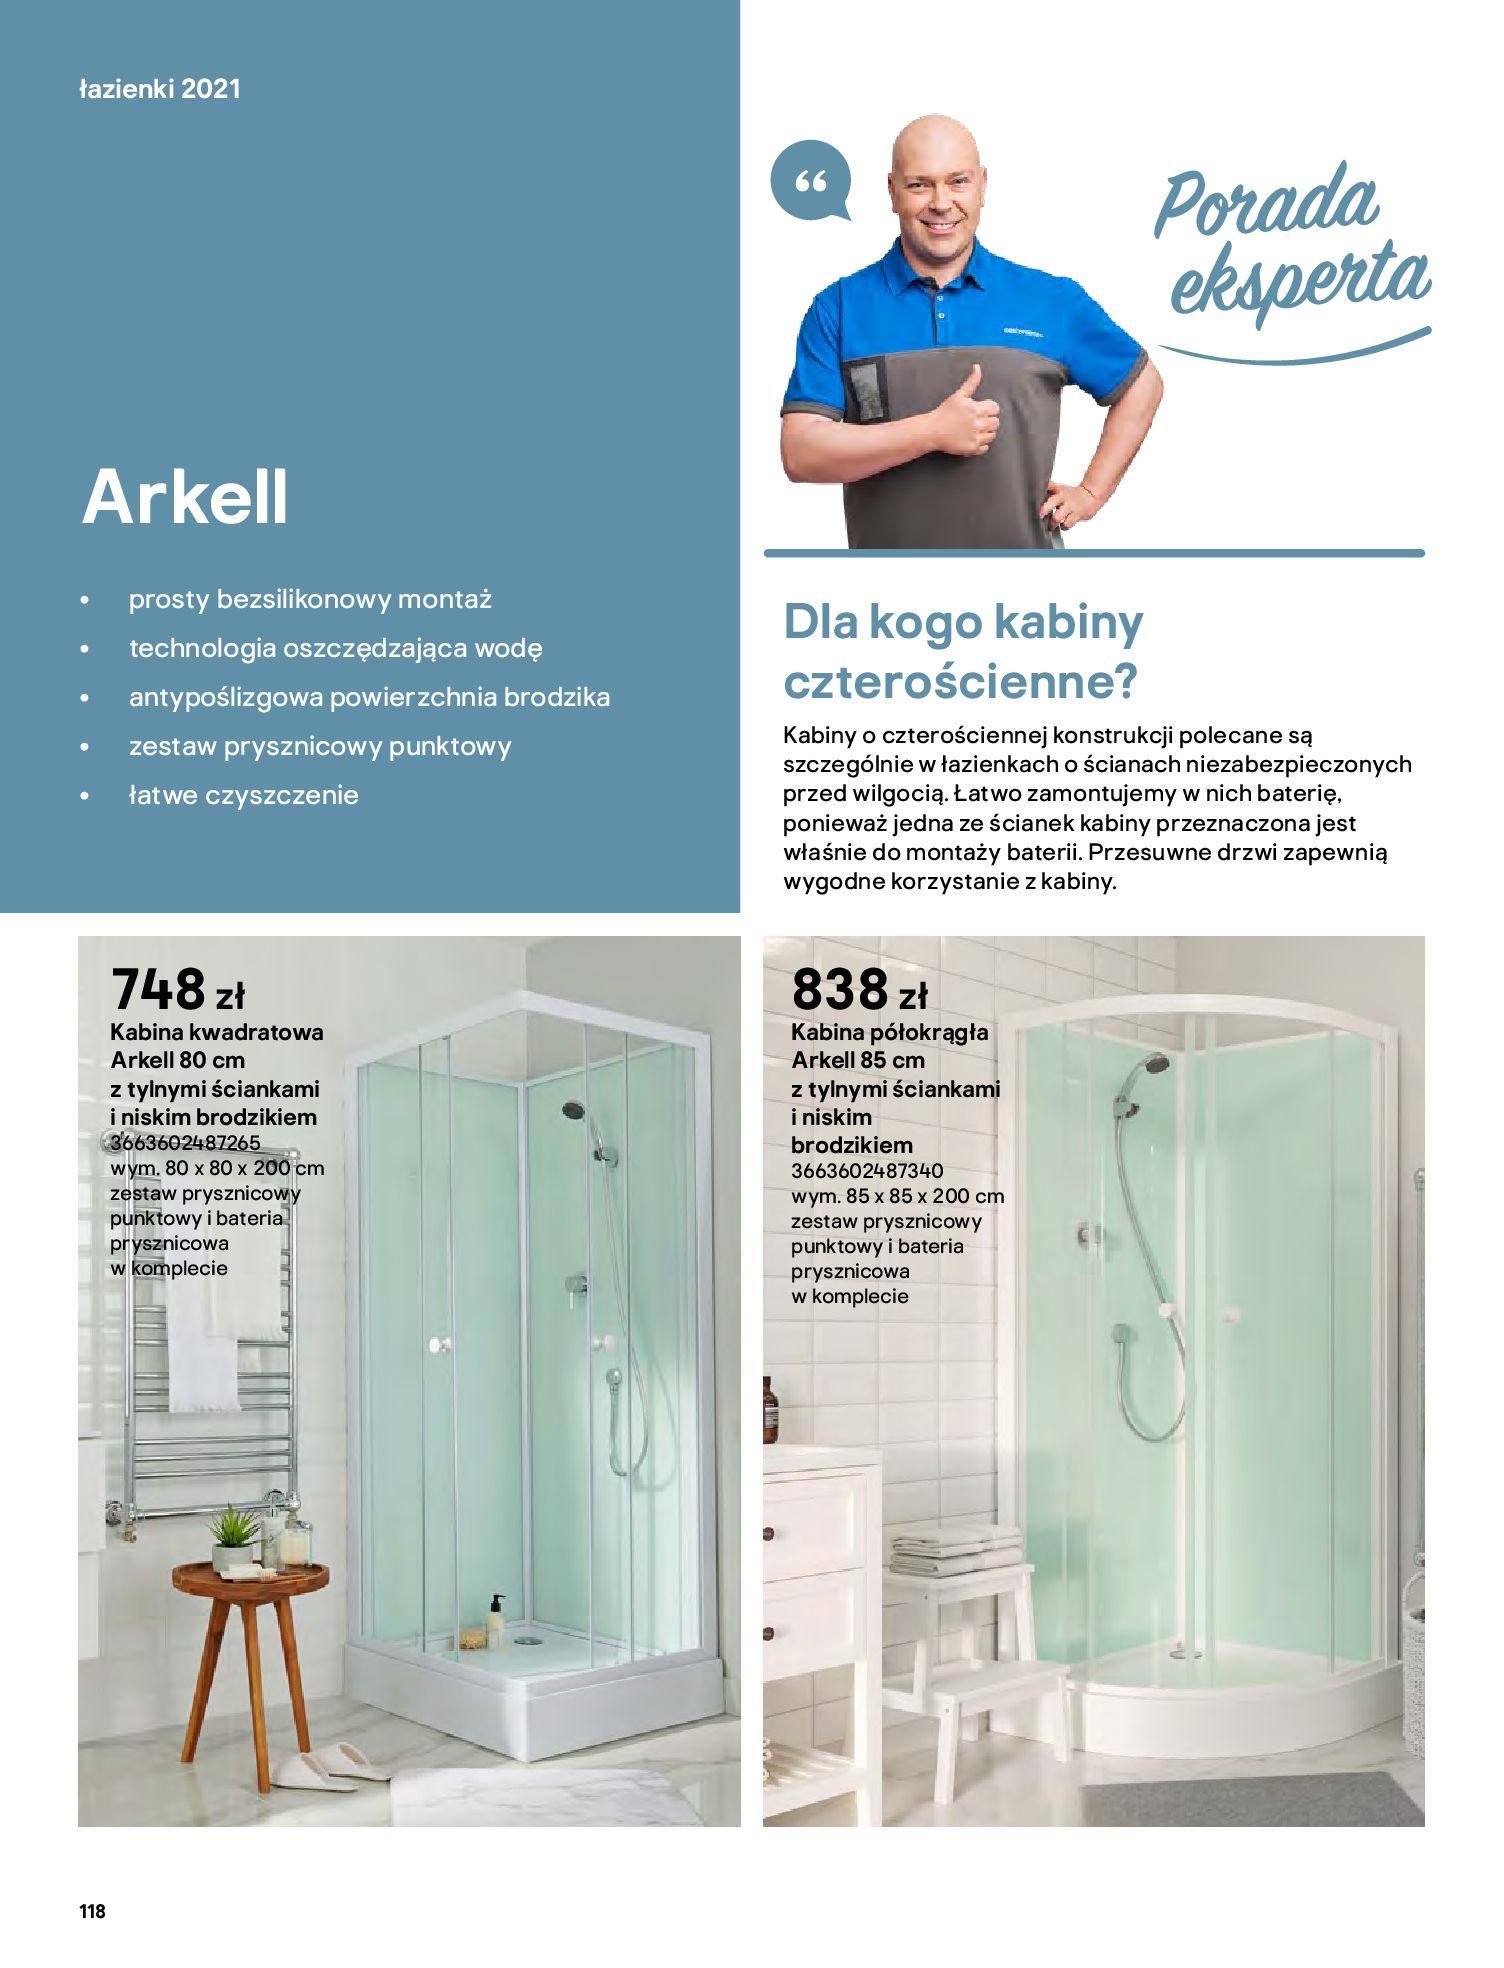 Gazetka Castorama: Gazetka Castorama - katalog łazienki 2021 2021-06-16 page-118